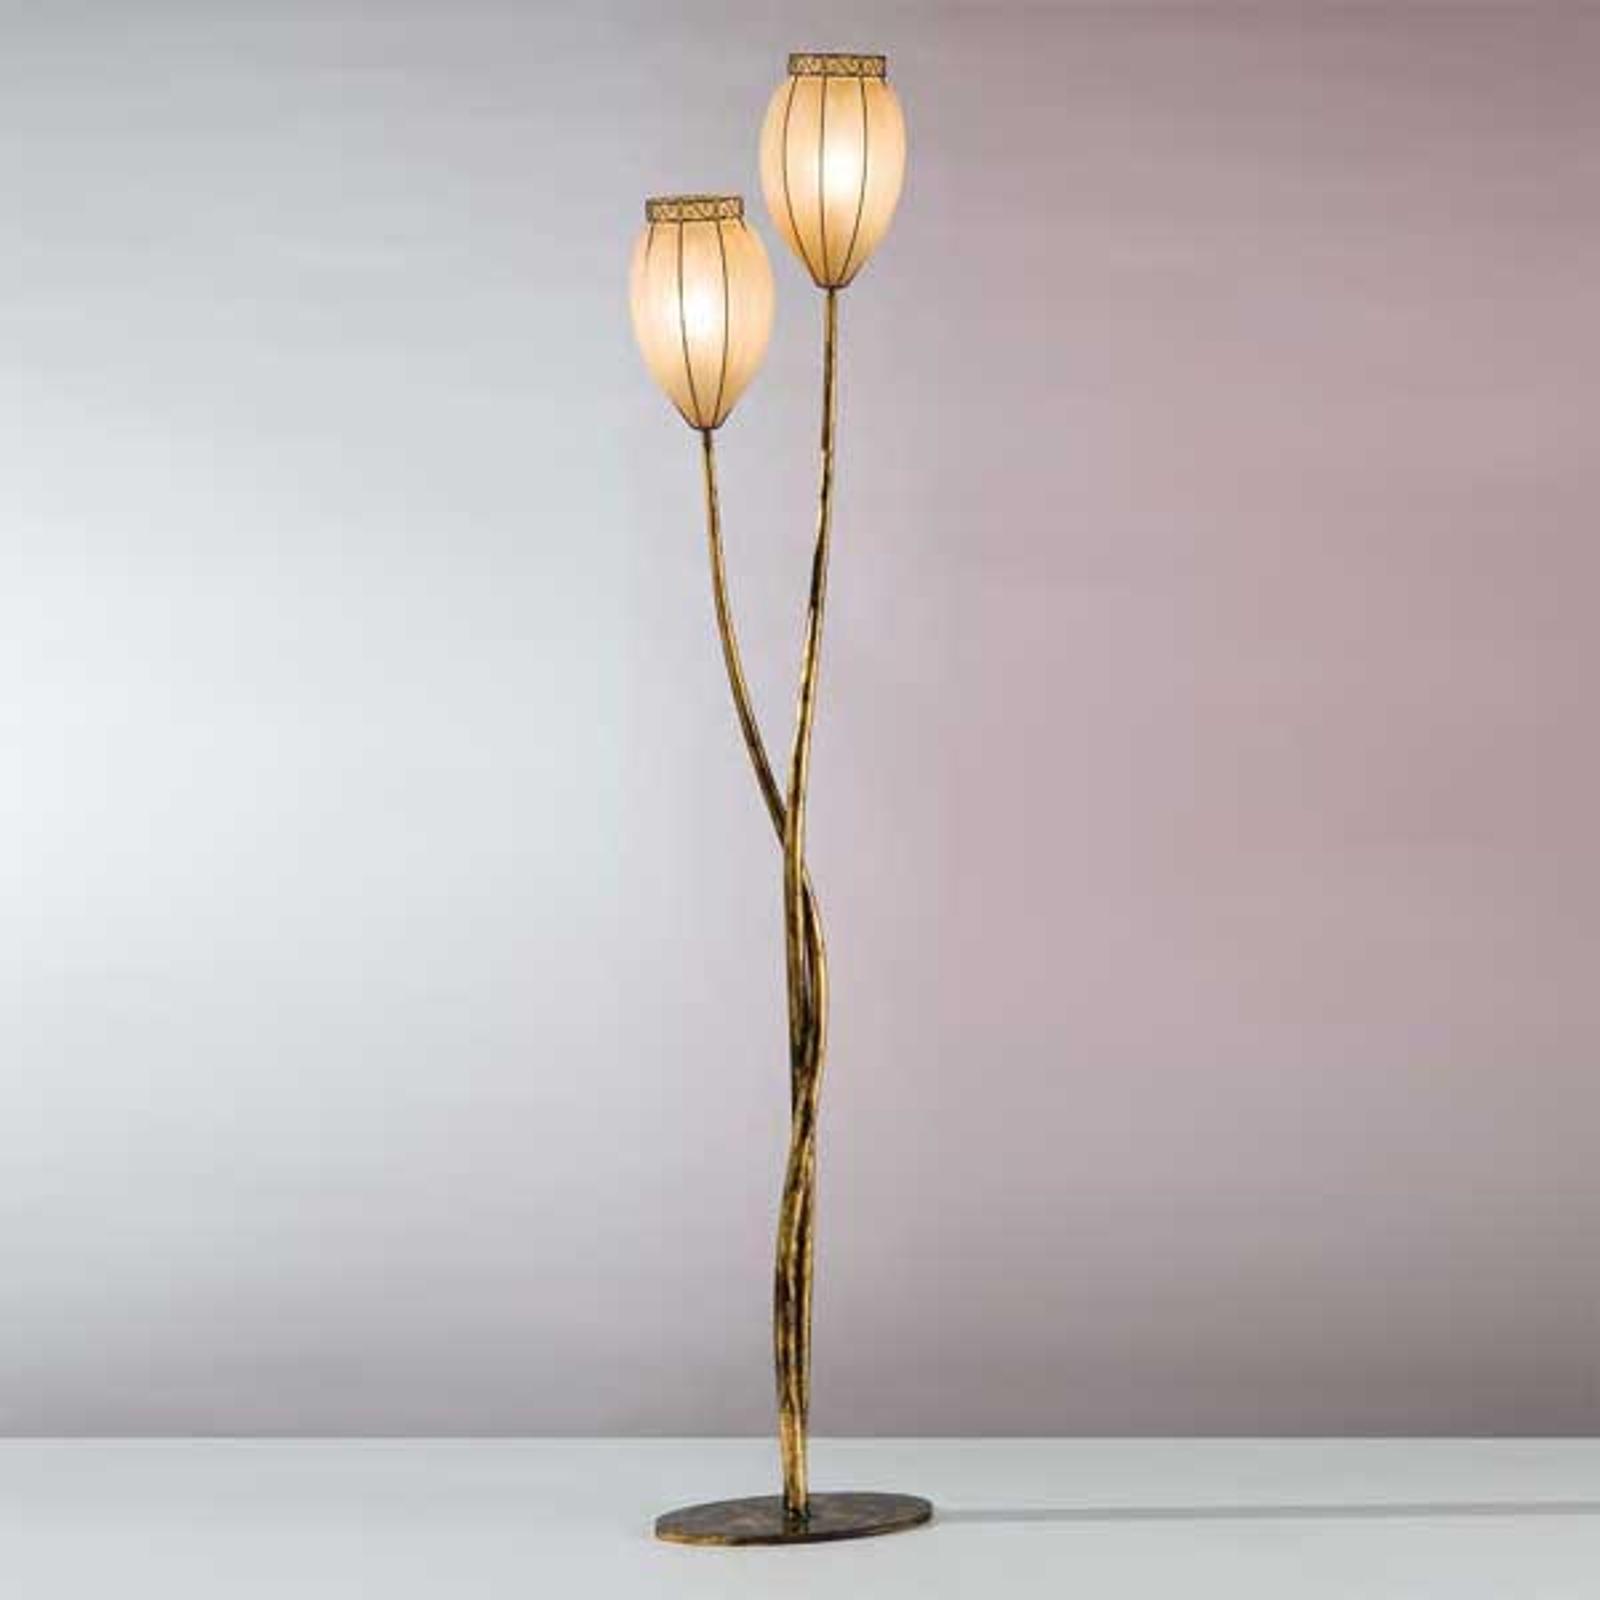 Lampa stojąca TULIPANO ze szkła Scavo